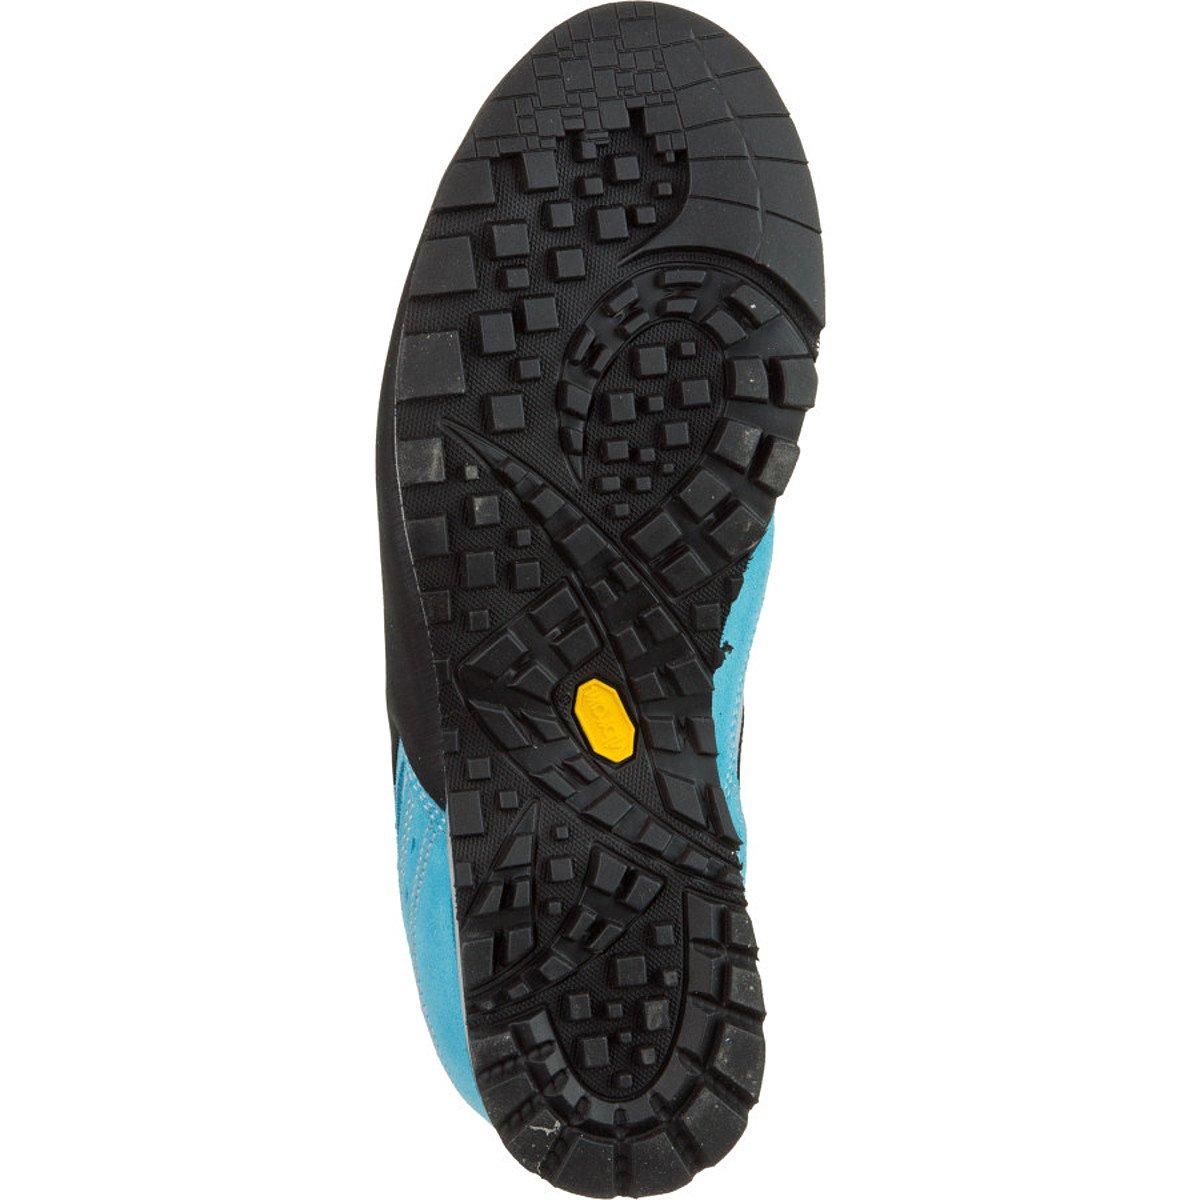 Asolo Salyan Shoe - Women's B008CQ9F5A 6 B(M) US|Sand/Blue Atoll